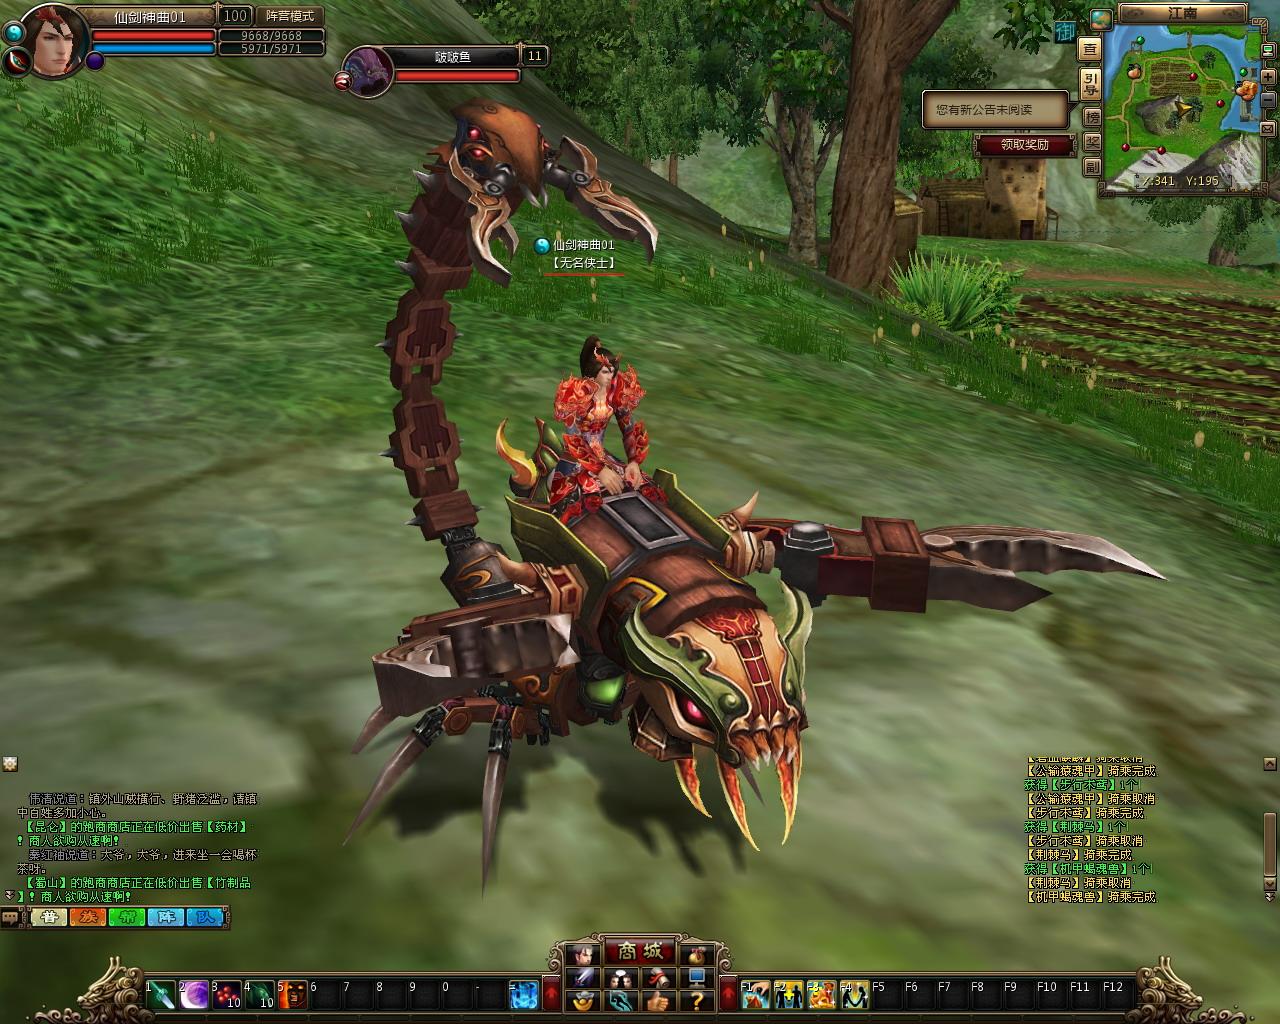 《仙剑神曲OL》游戏截图